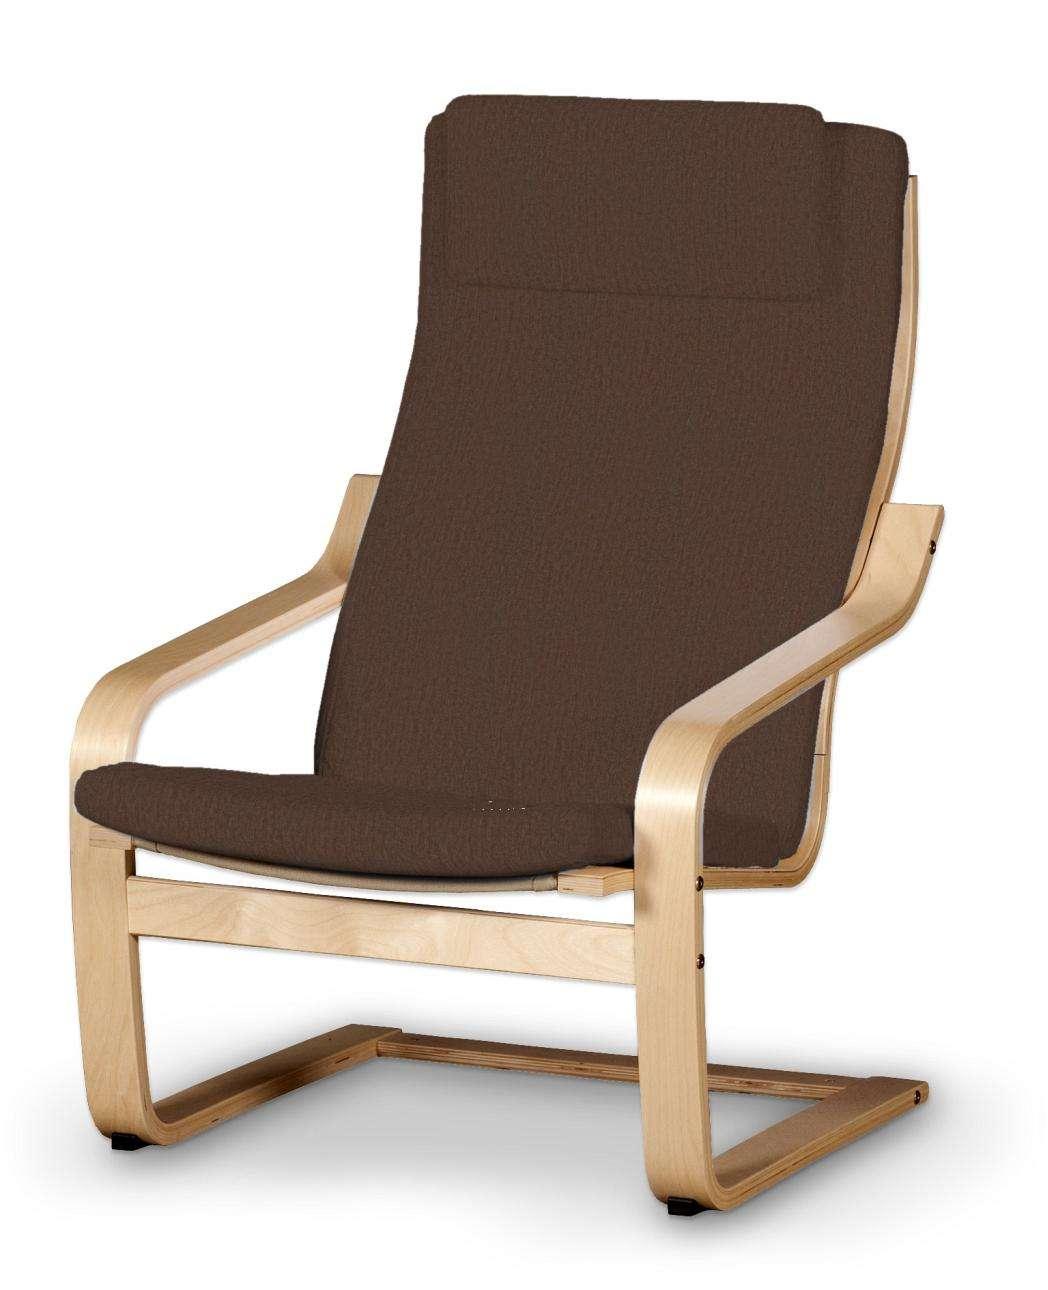 Poduszka na fotel Poäng II Fotel Poäng II w kolekcji Chenille, tkanina: 702-18